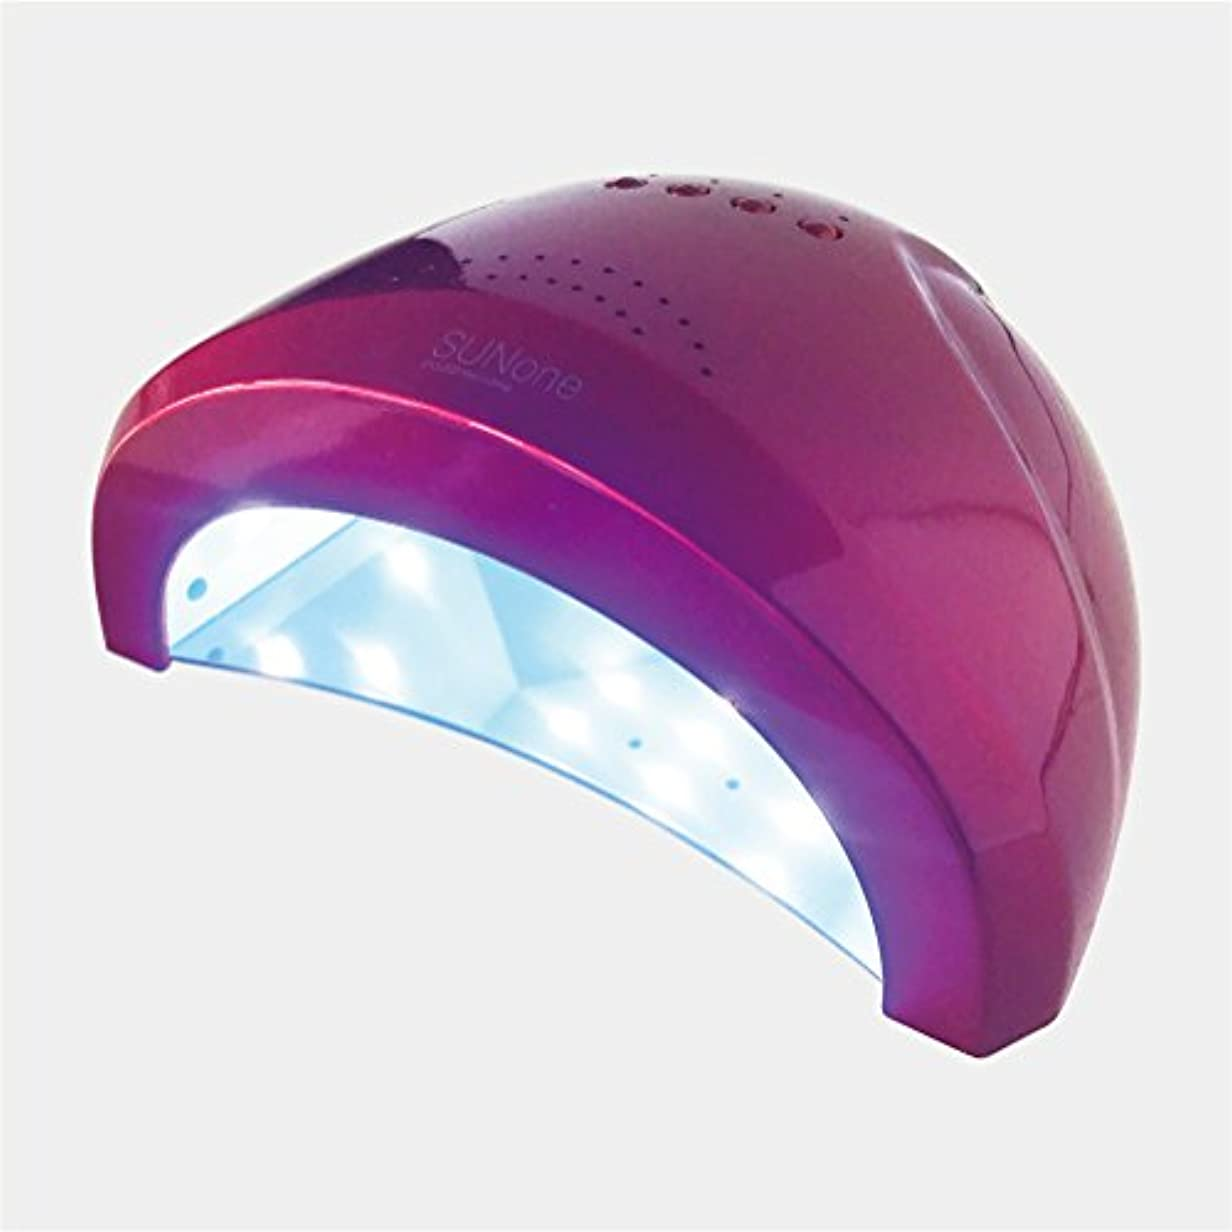 マージ繕うルネッサンスジェルネイル?クラフトレジン 48w UV/LEDライト 2in1 人感センサー付き ネイルドライヤー UV/LED兼用ライト 【保証付き】 カラー:レッド